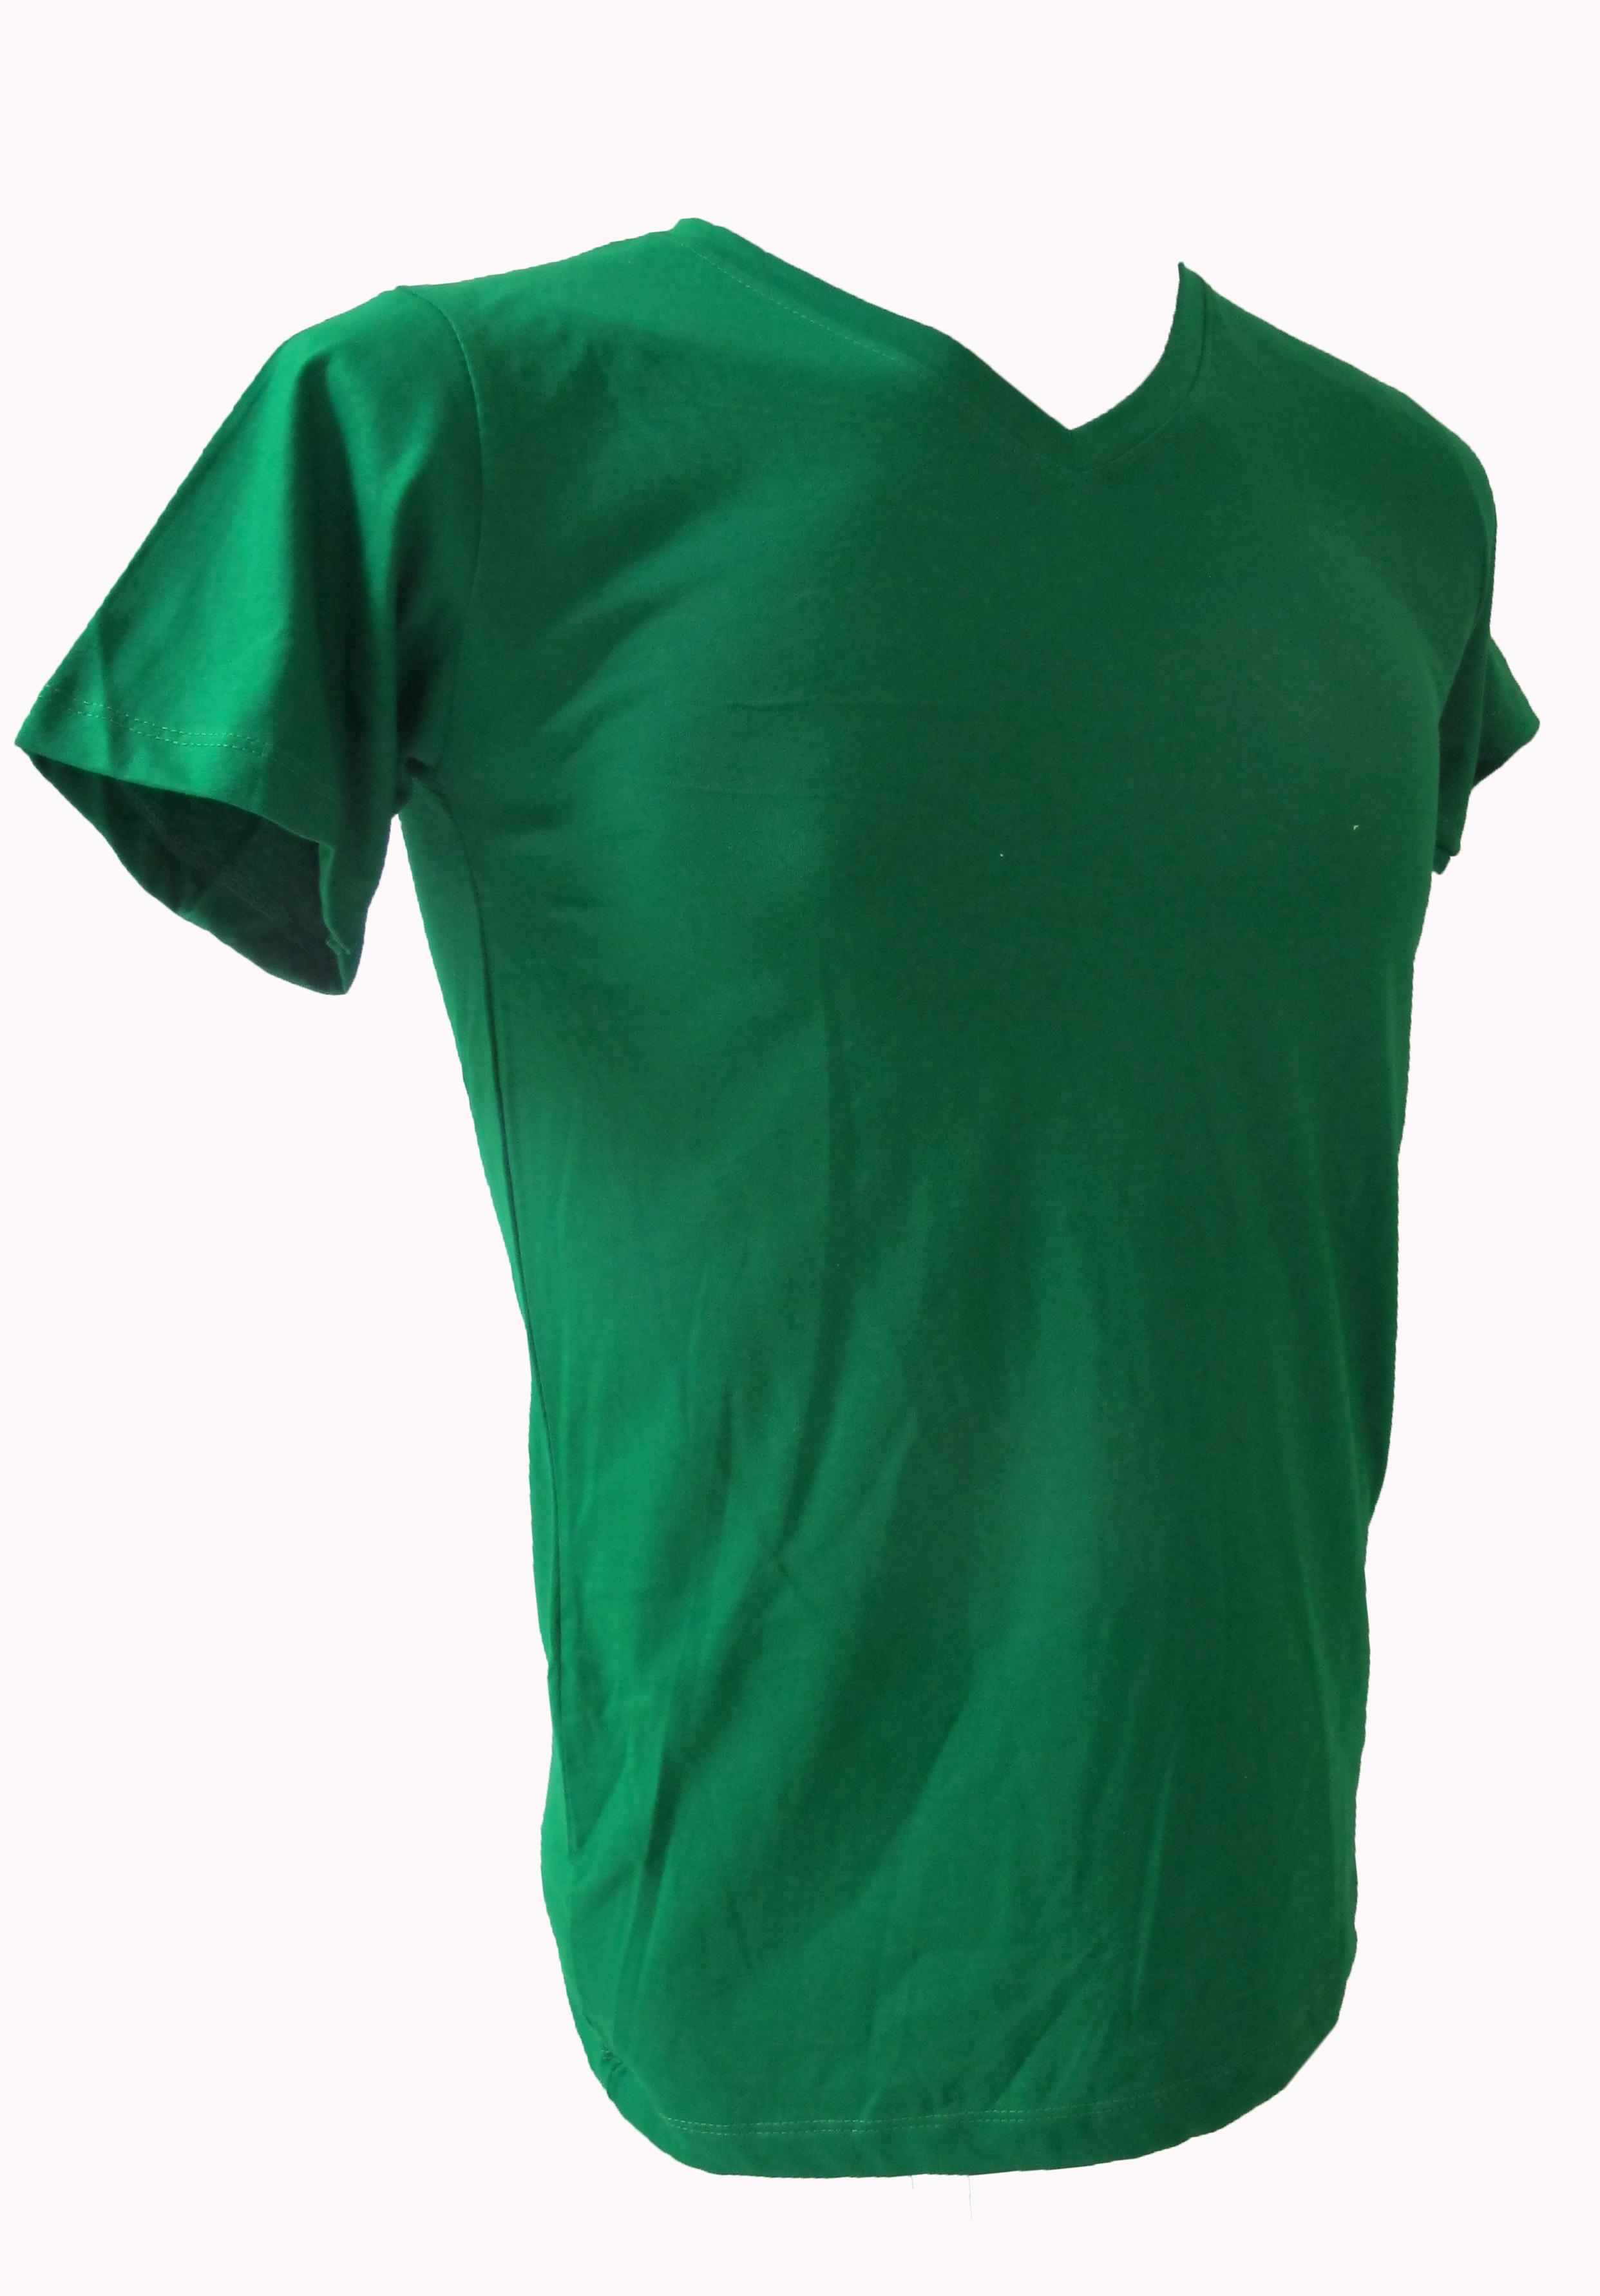 COTTON100% เบอร์32 เสื้อยืดแขนสั้น คอวี สีเขียวไมโล